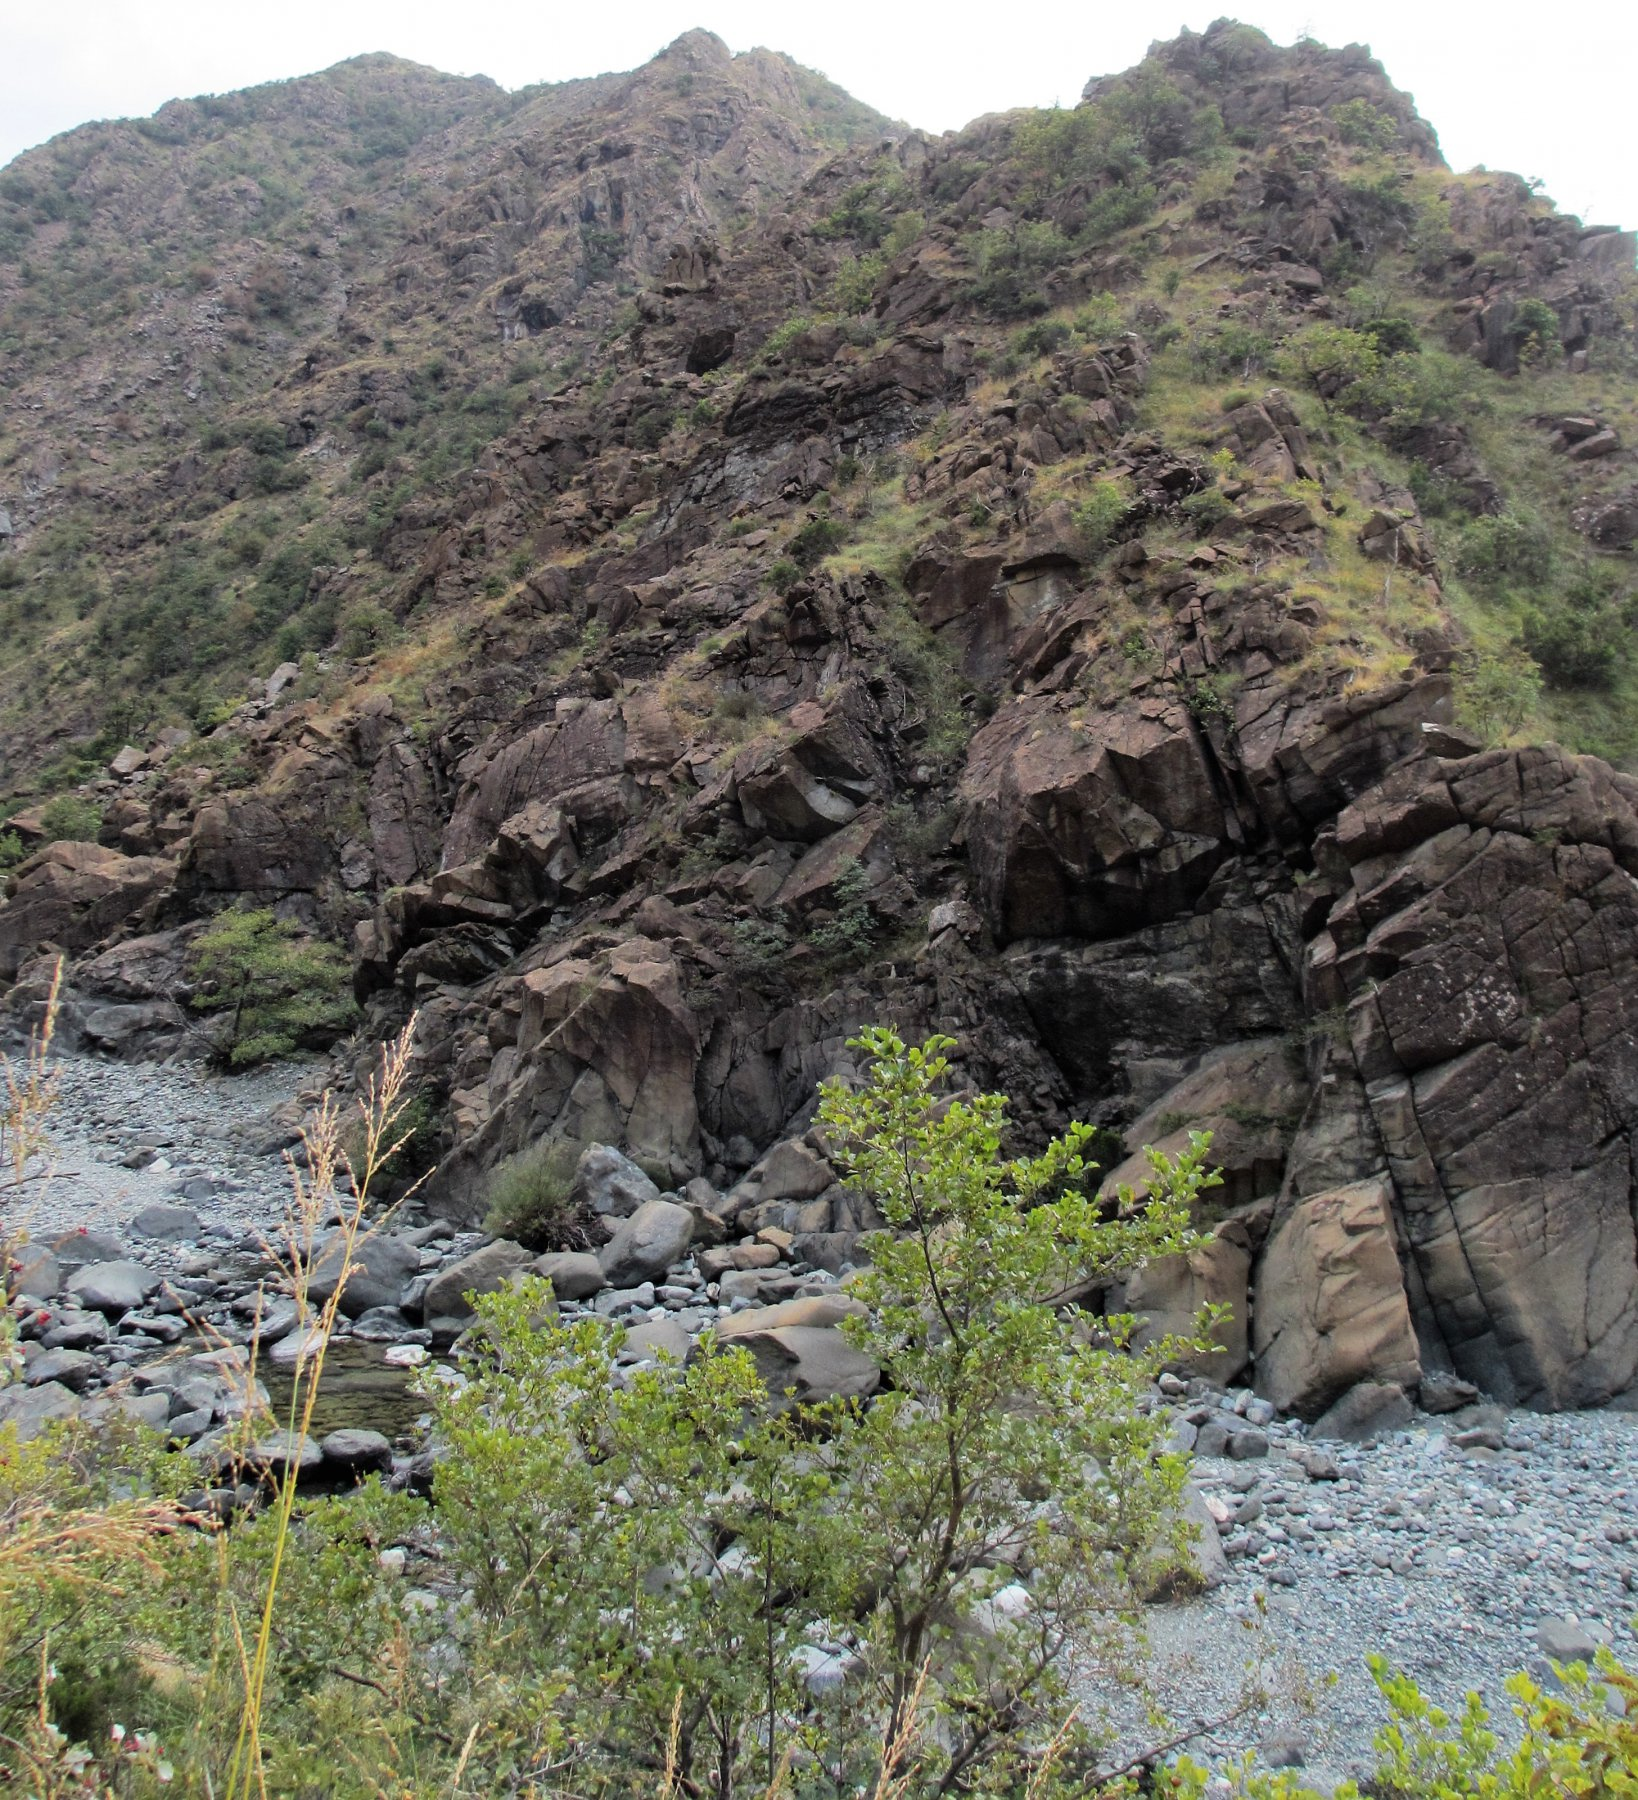 L'inizio della cresta del monte Tugello